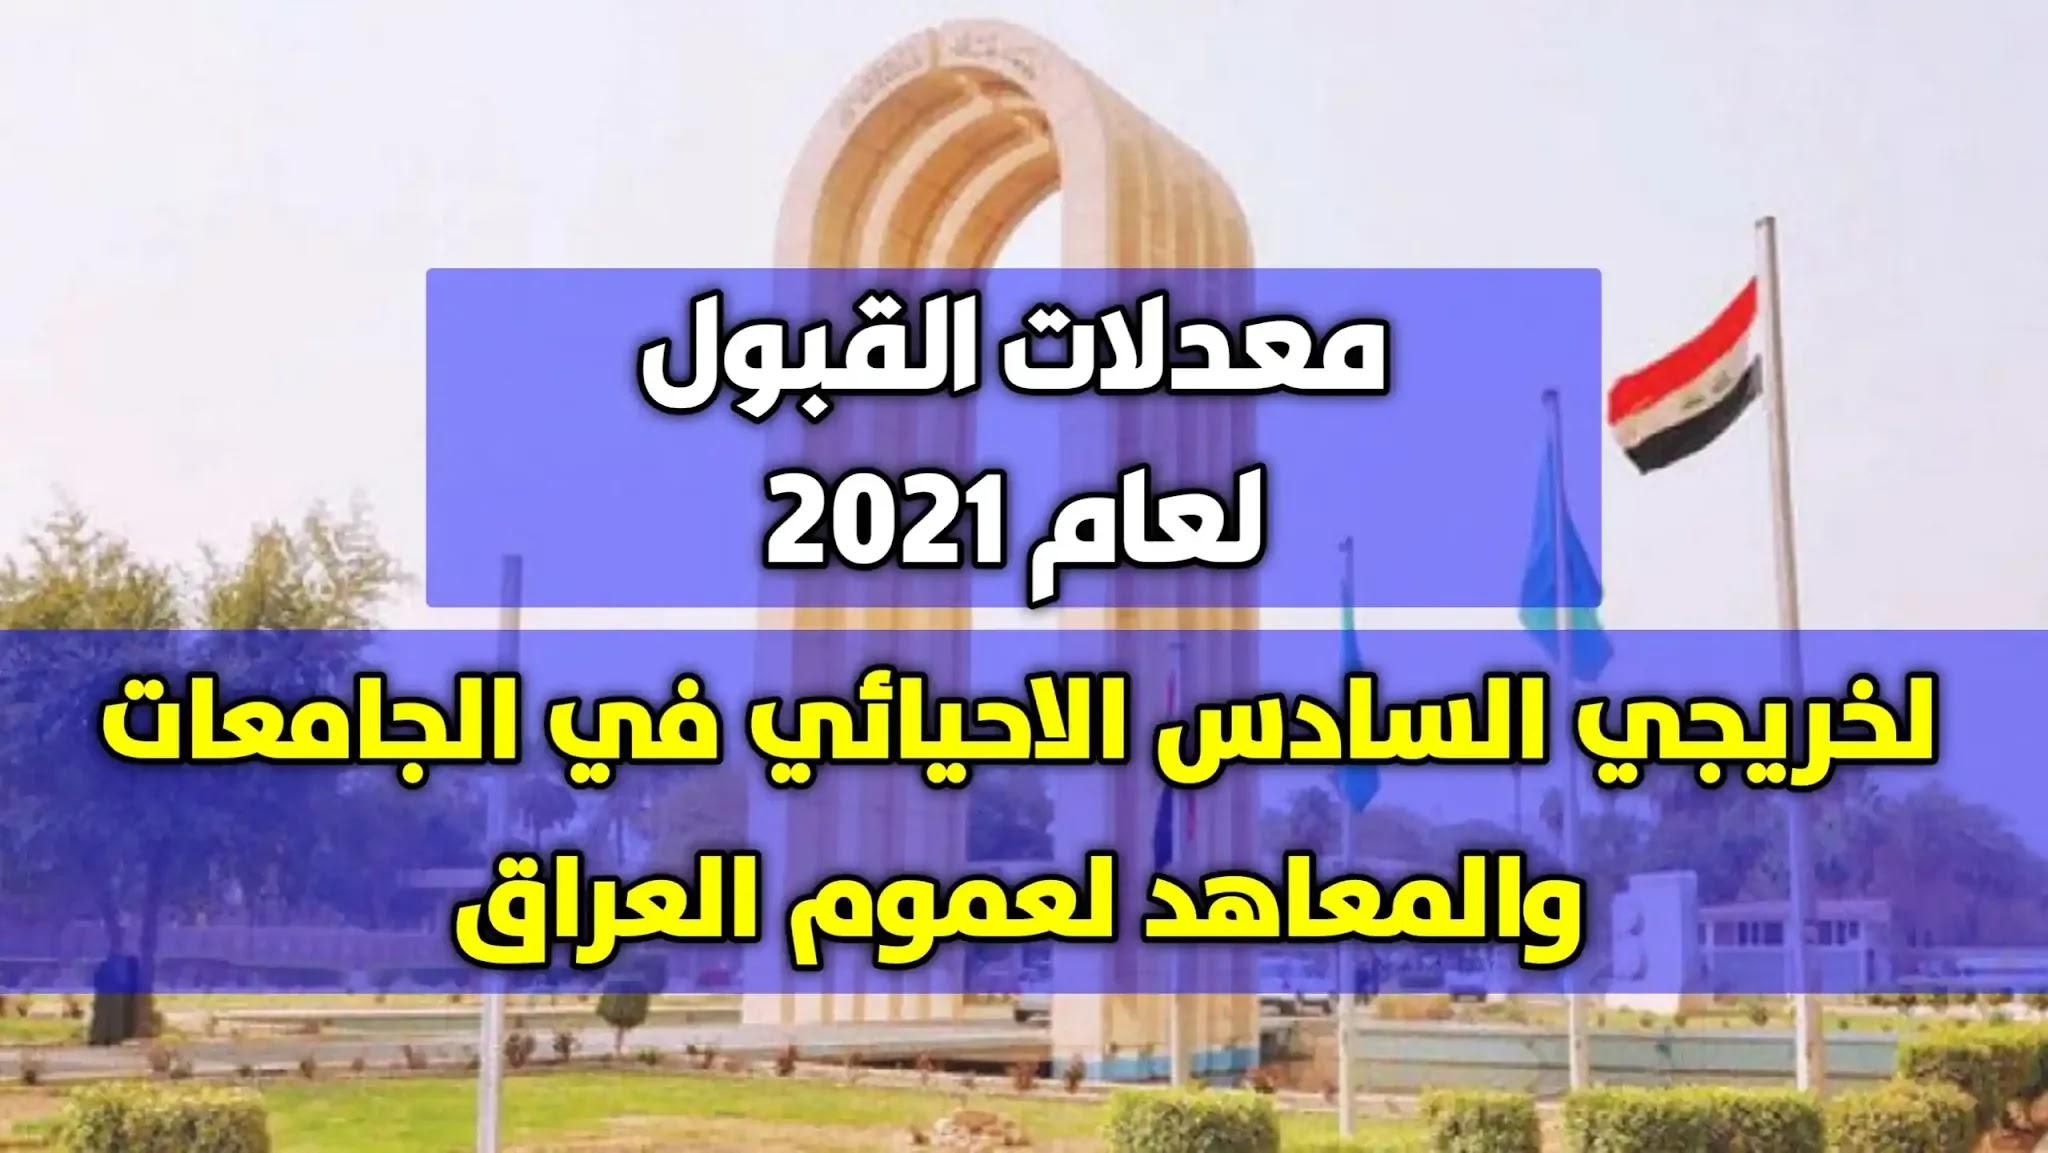 تعرف على معدلات القبول في الجامعات والمعاهد العراقية لطلبة السادس الاحيائي لعام 2021